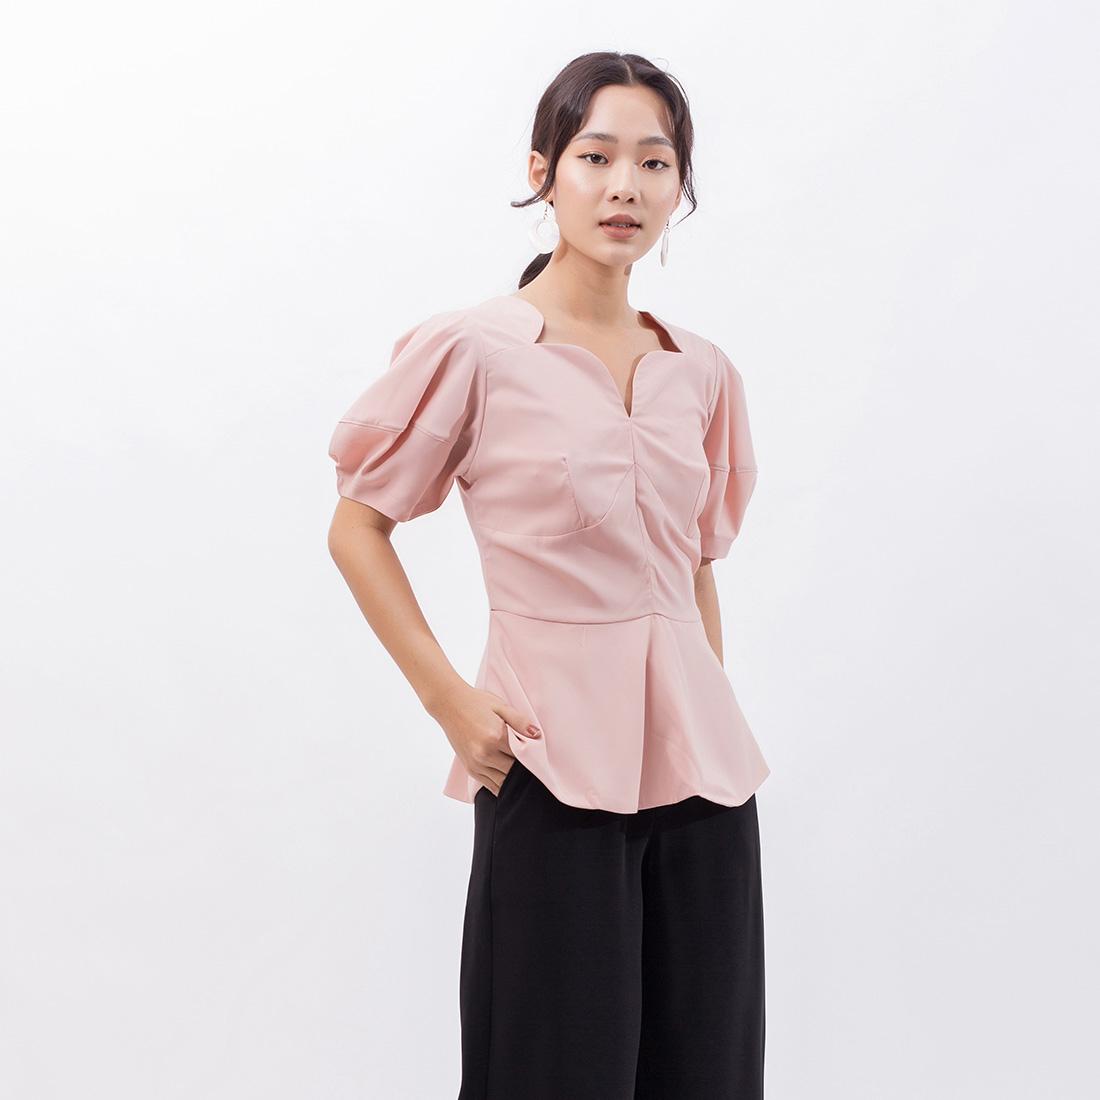 Áo Kiểu Peplum Thời Trang Eden - ASM077 - Màu Hồng